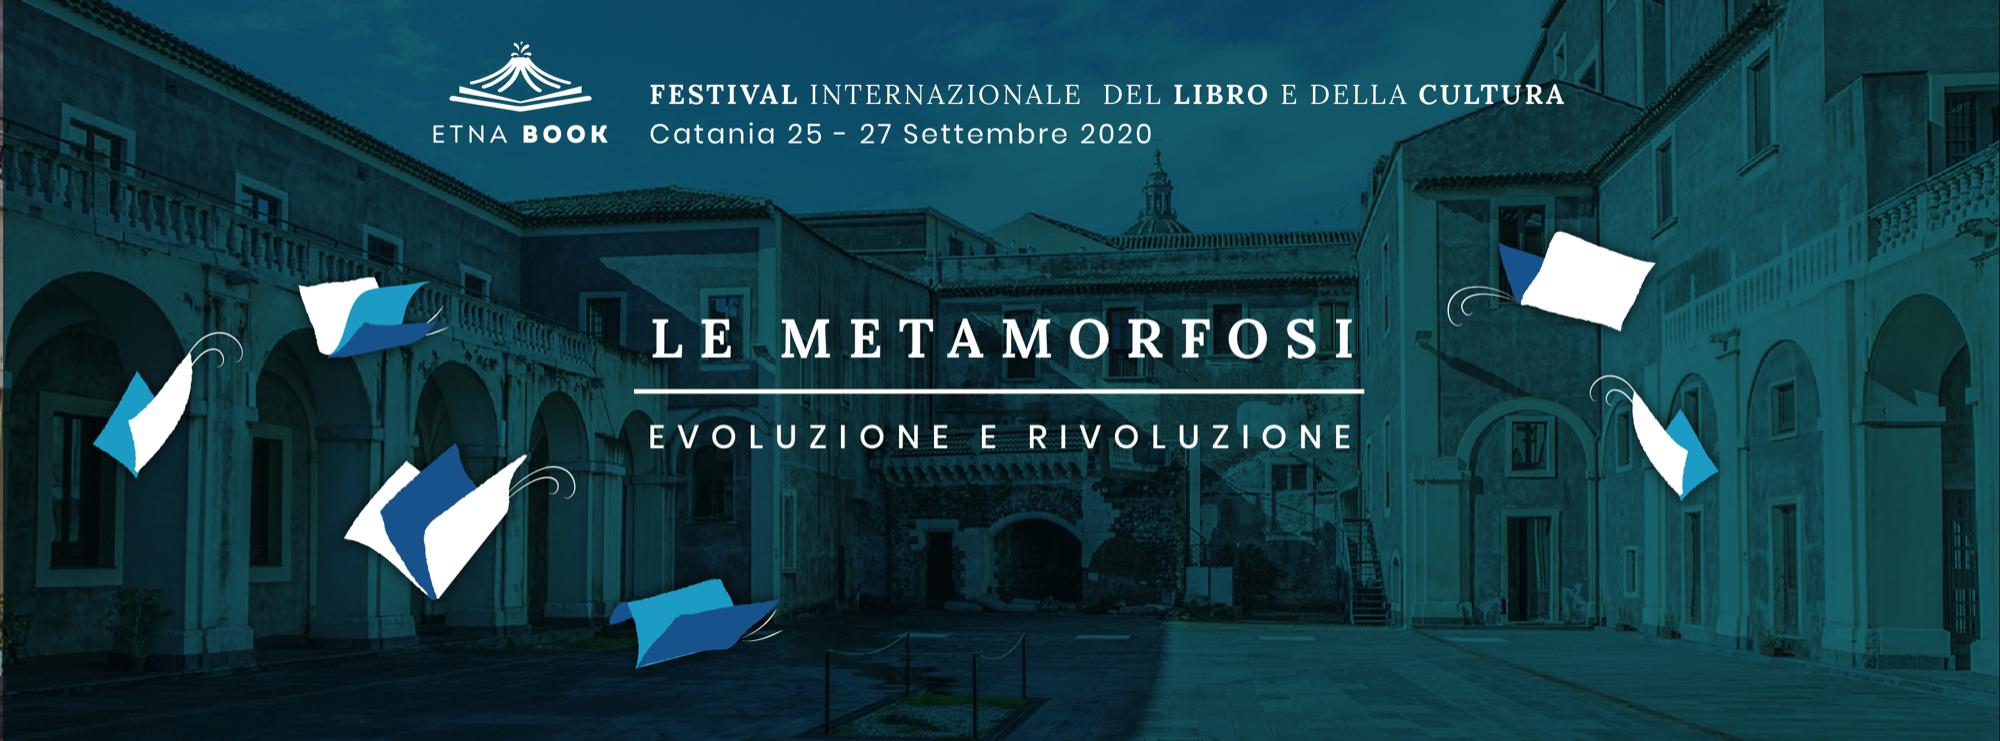 """Etnabook 2020 - Presentato oggi il programma e svelati i nomi delle sezioni 'A 'e 'B - Enrico Morello' del premio annesso """"Cultura sotto il vulcano"""""""